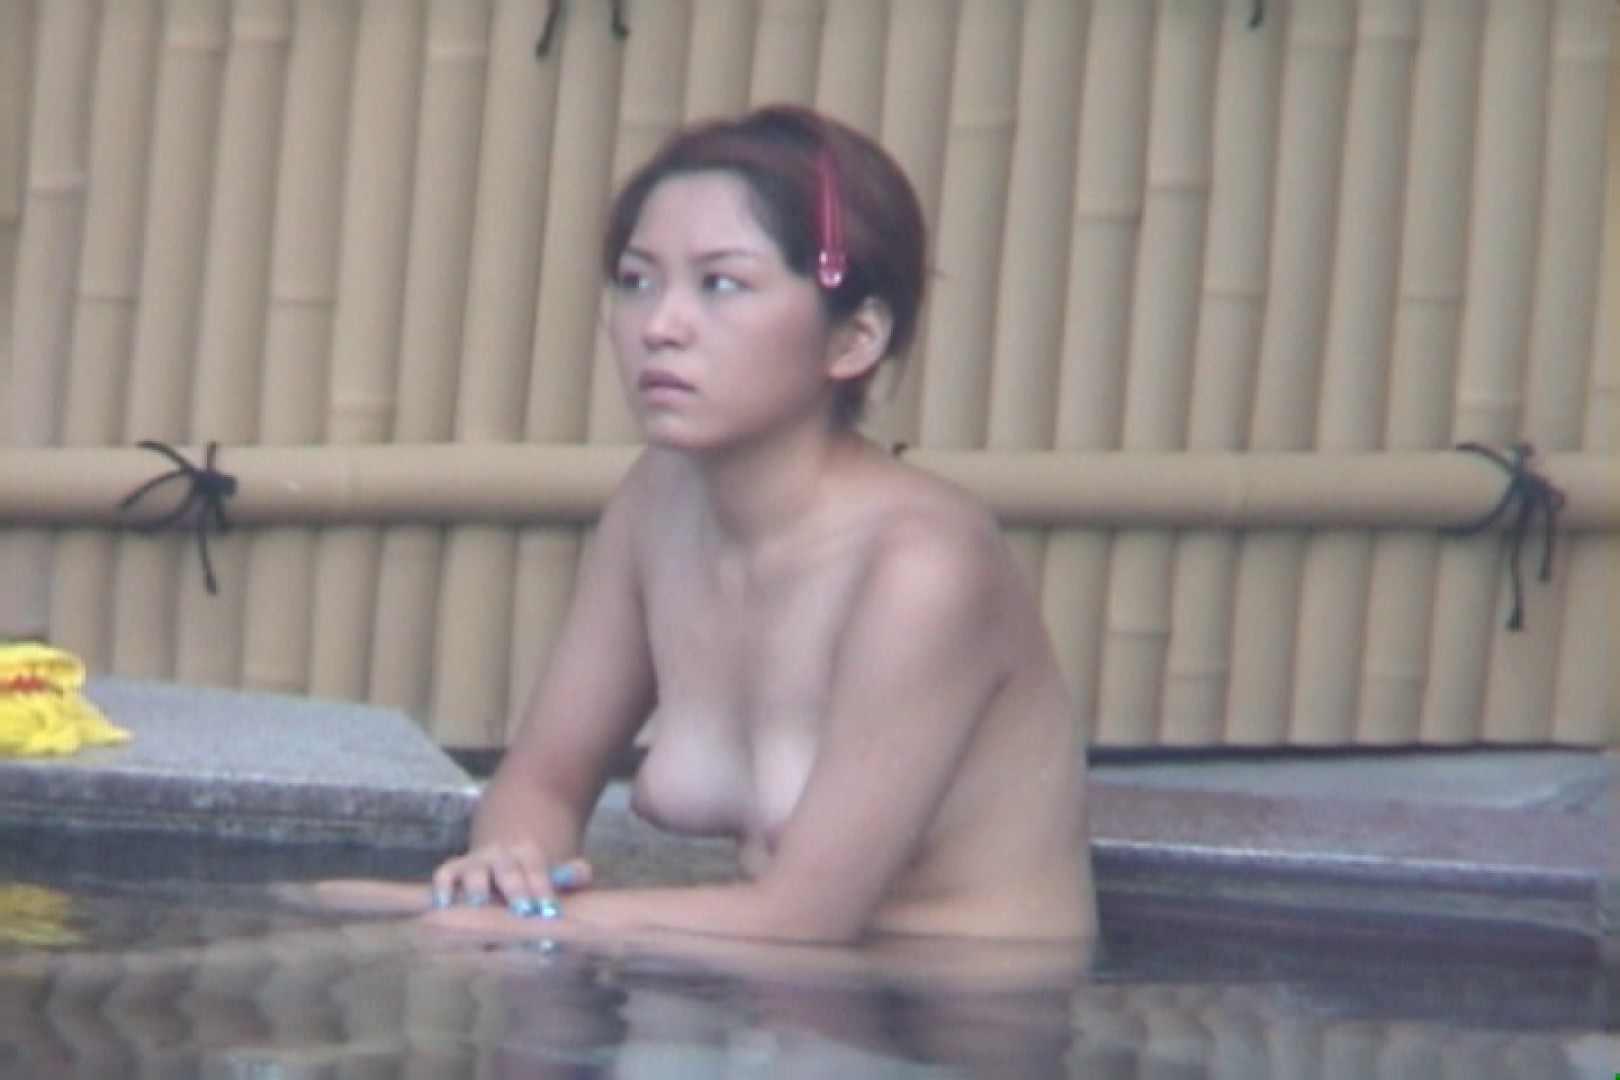 Aquaな露天風呂Vol.574 盗撮  97画像 66